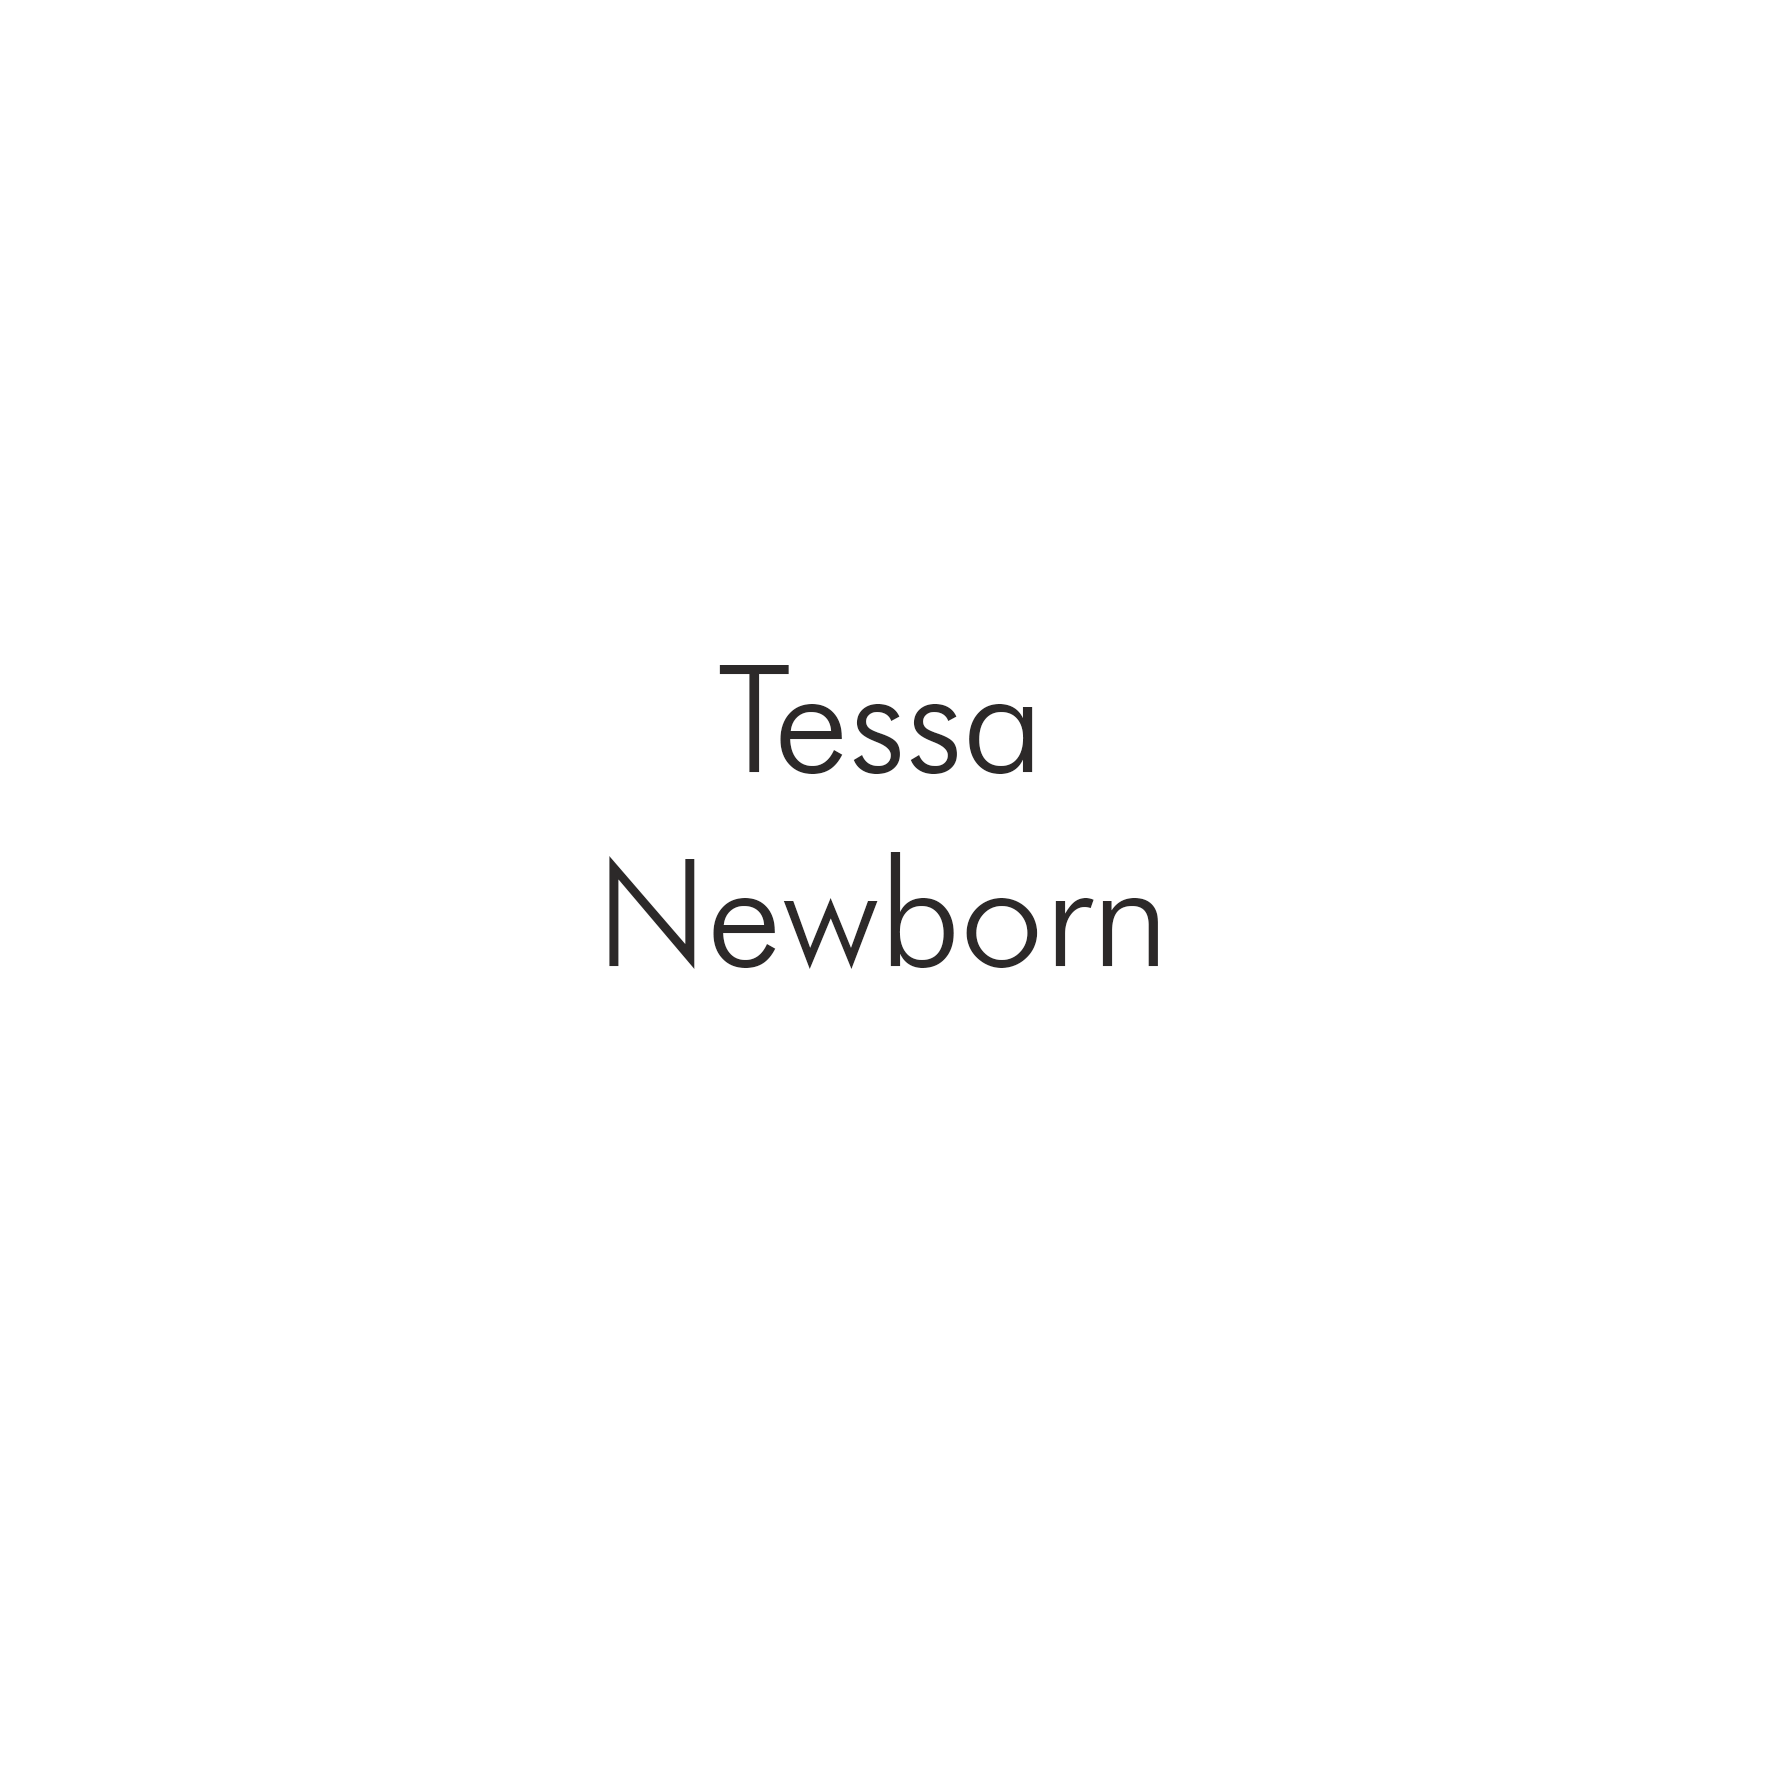 Tessa Newborn.png